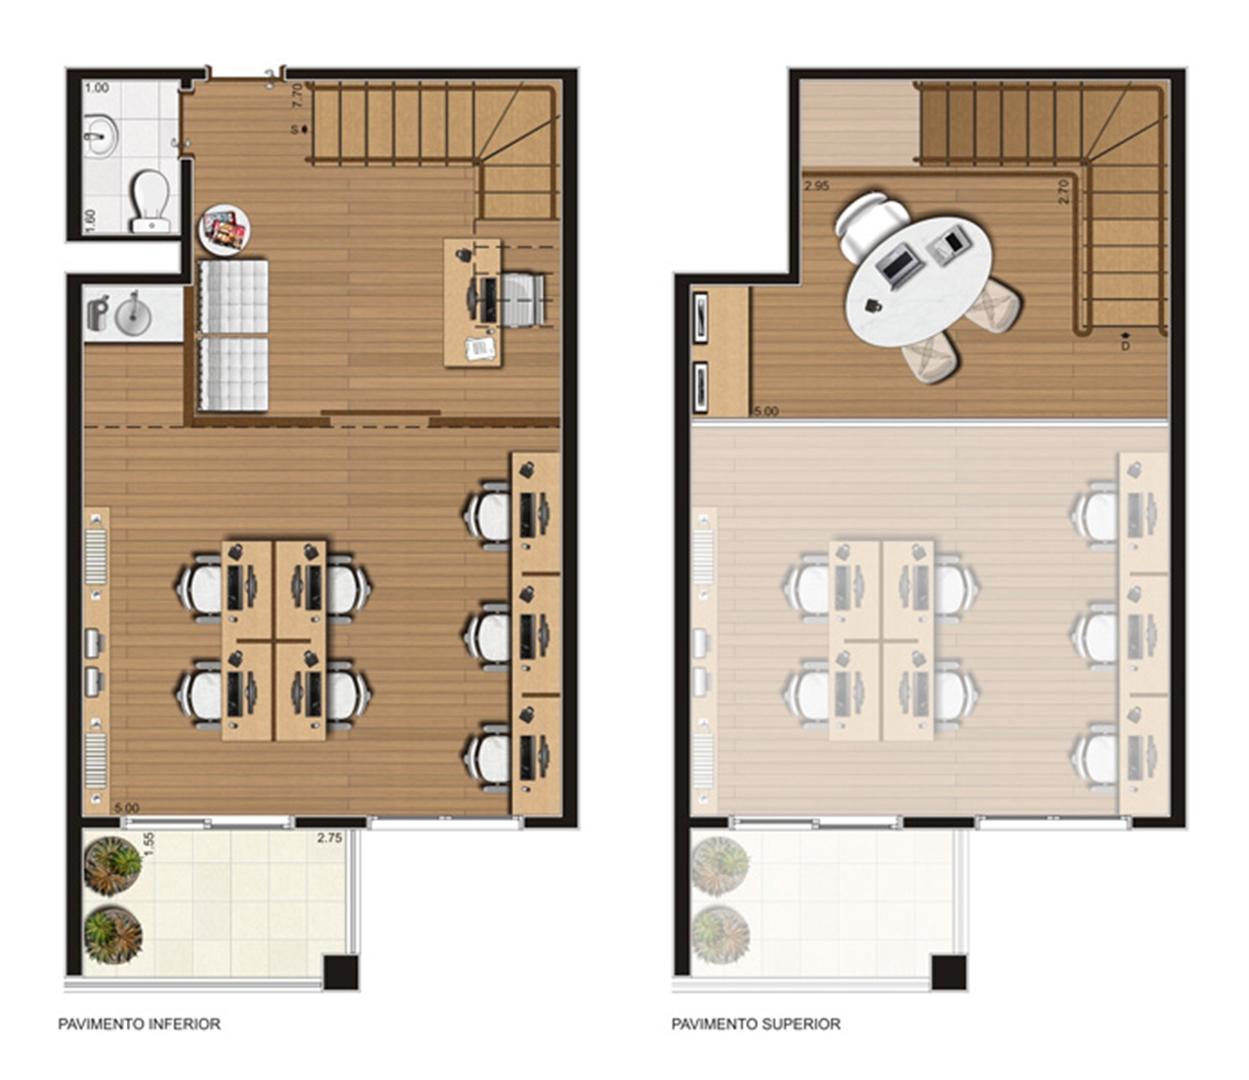 Sala comercial duplex 58 m² privativos – Finais 2 a 4, 7 e 8, 11 a 15, 17 a 23 | Luzes da Mooca - Atrio Giorno – Salas Comerciais na  Mooca - São Paulo - São Paulo